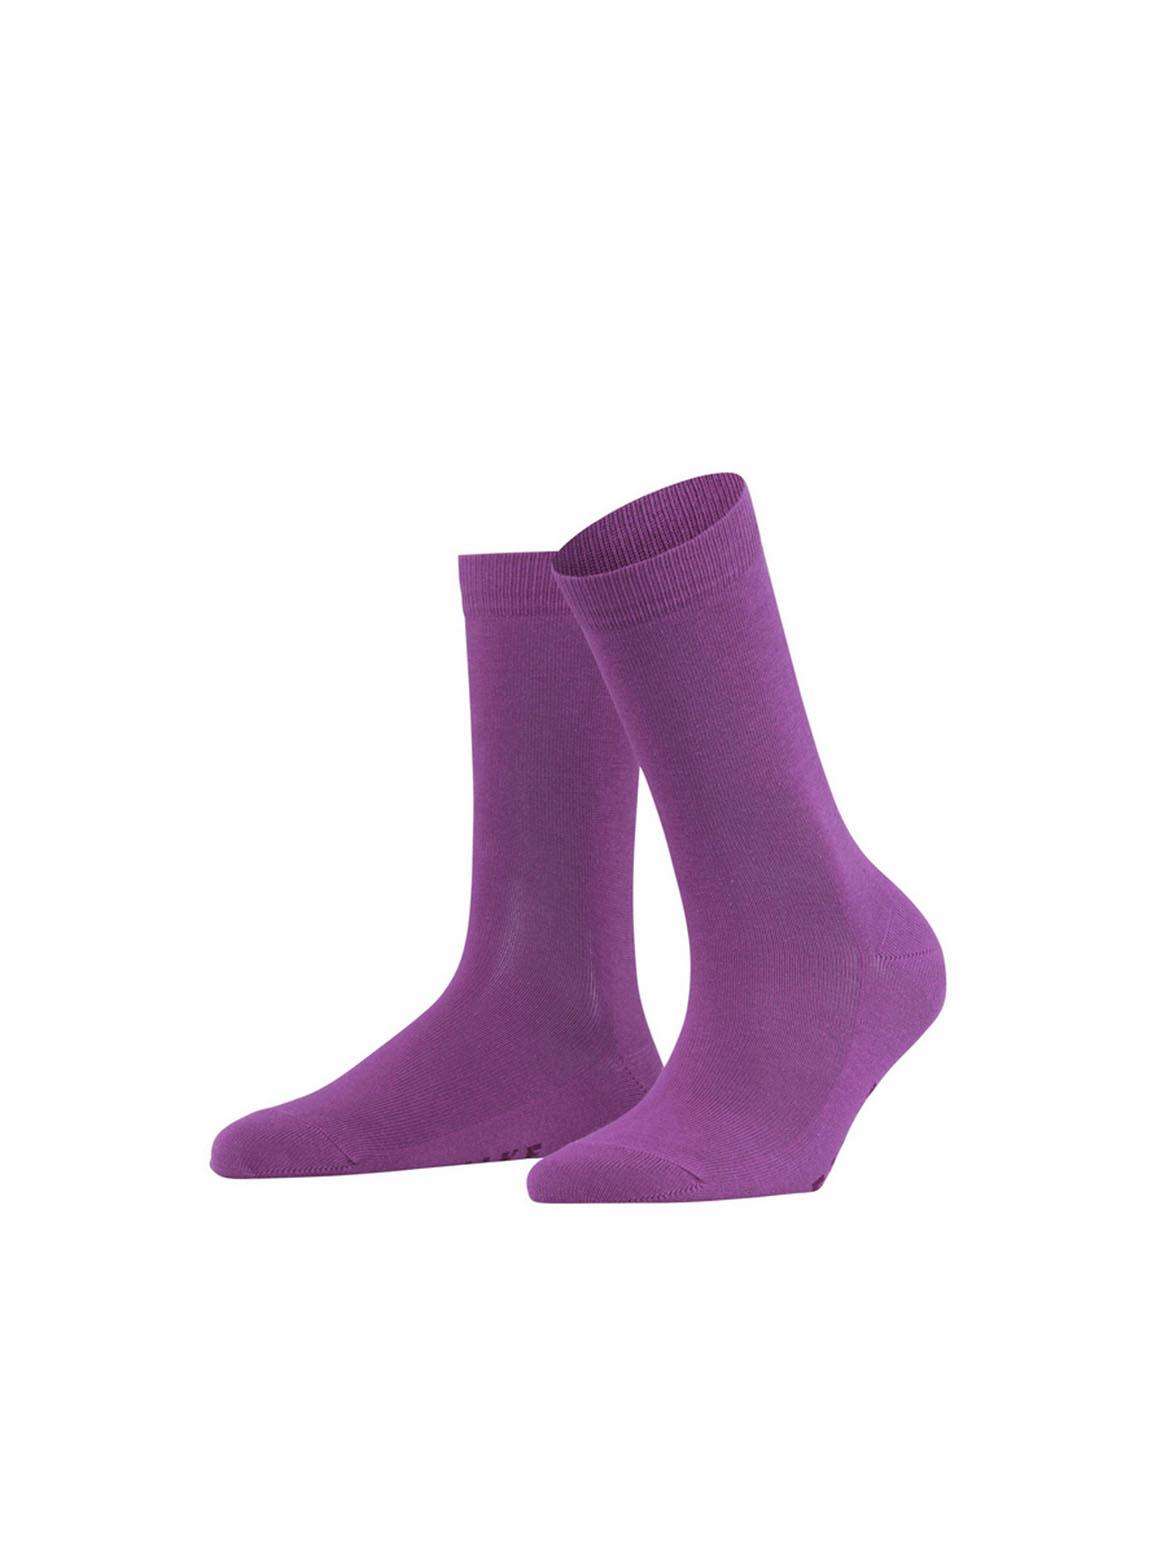 Galaxy purple family women socks